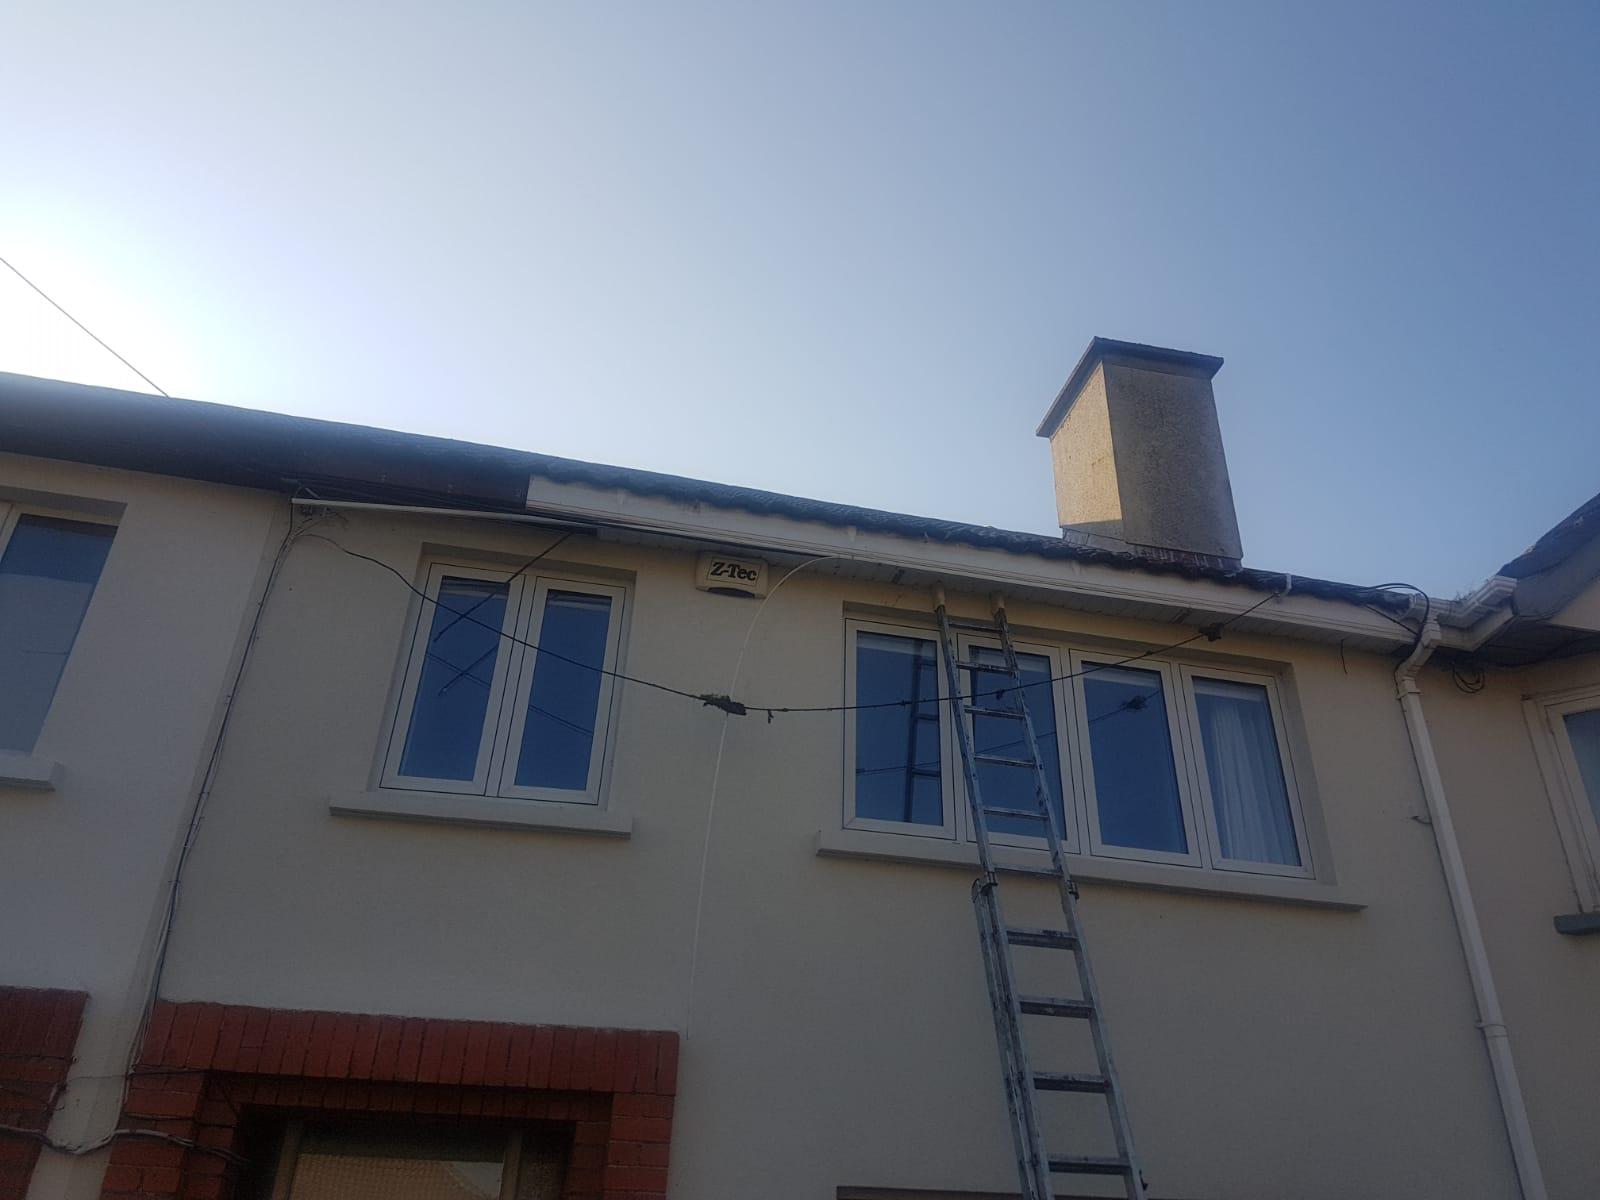 Guttering Repairs in Carbury, Co. Kildare